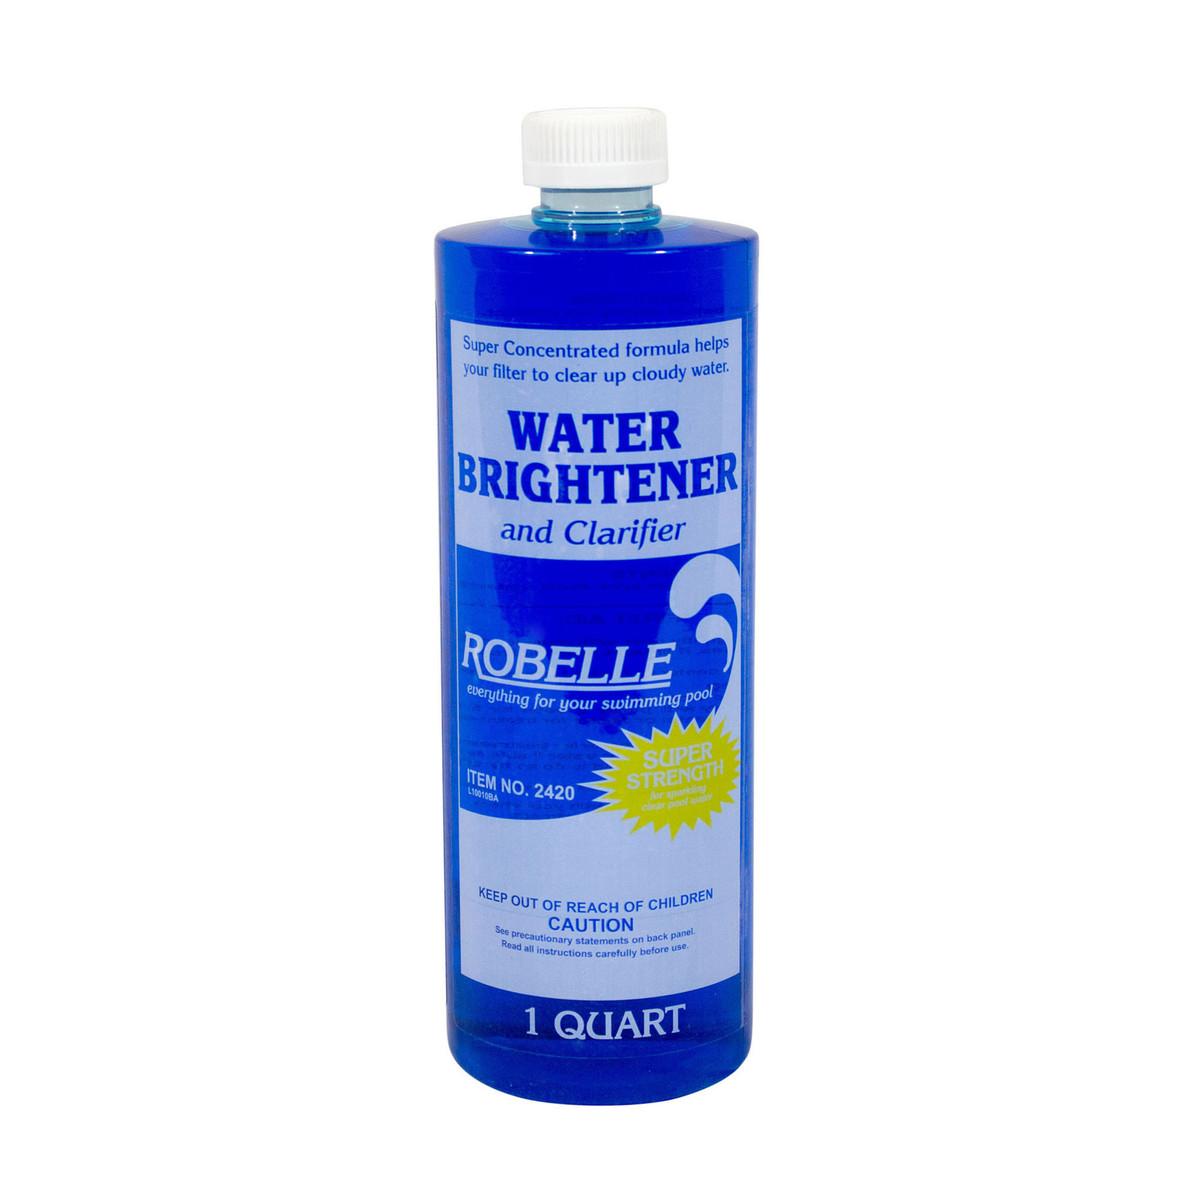 Robelle Brightener Clarifier 1 Quart Pool Clarifiers Flocculants Splash Super Center